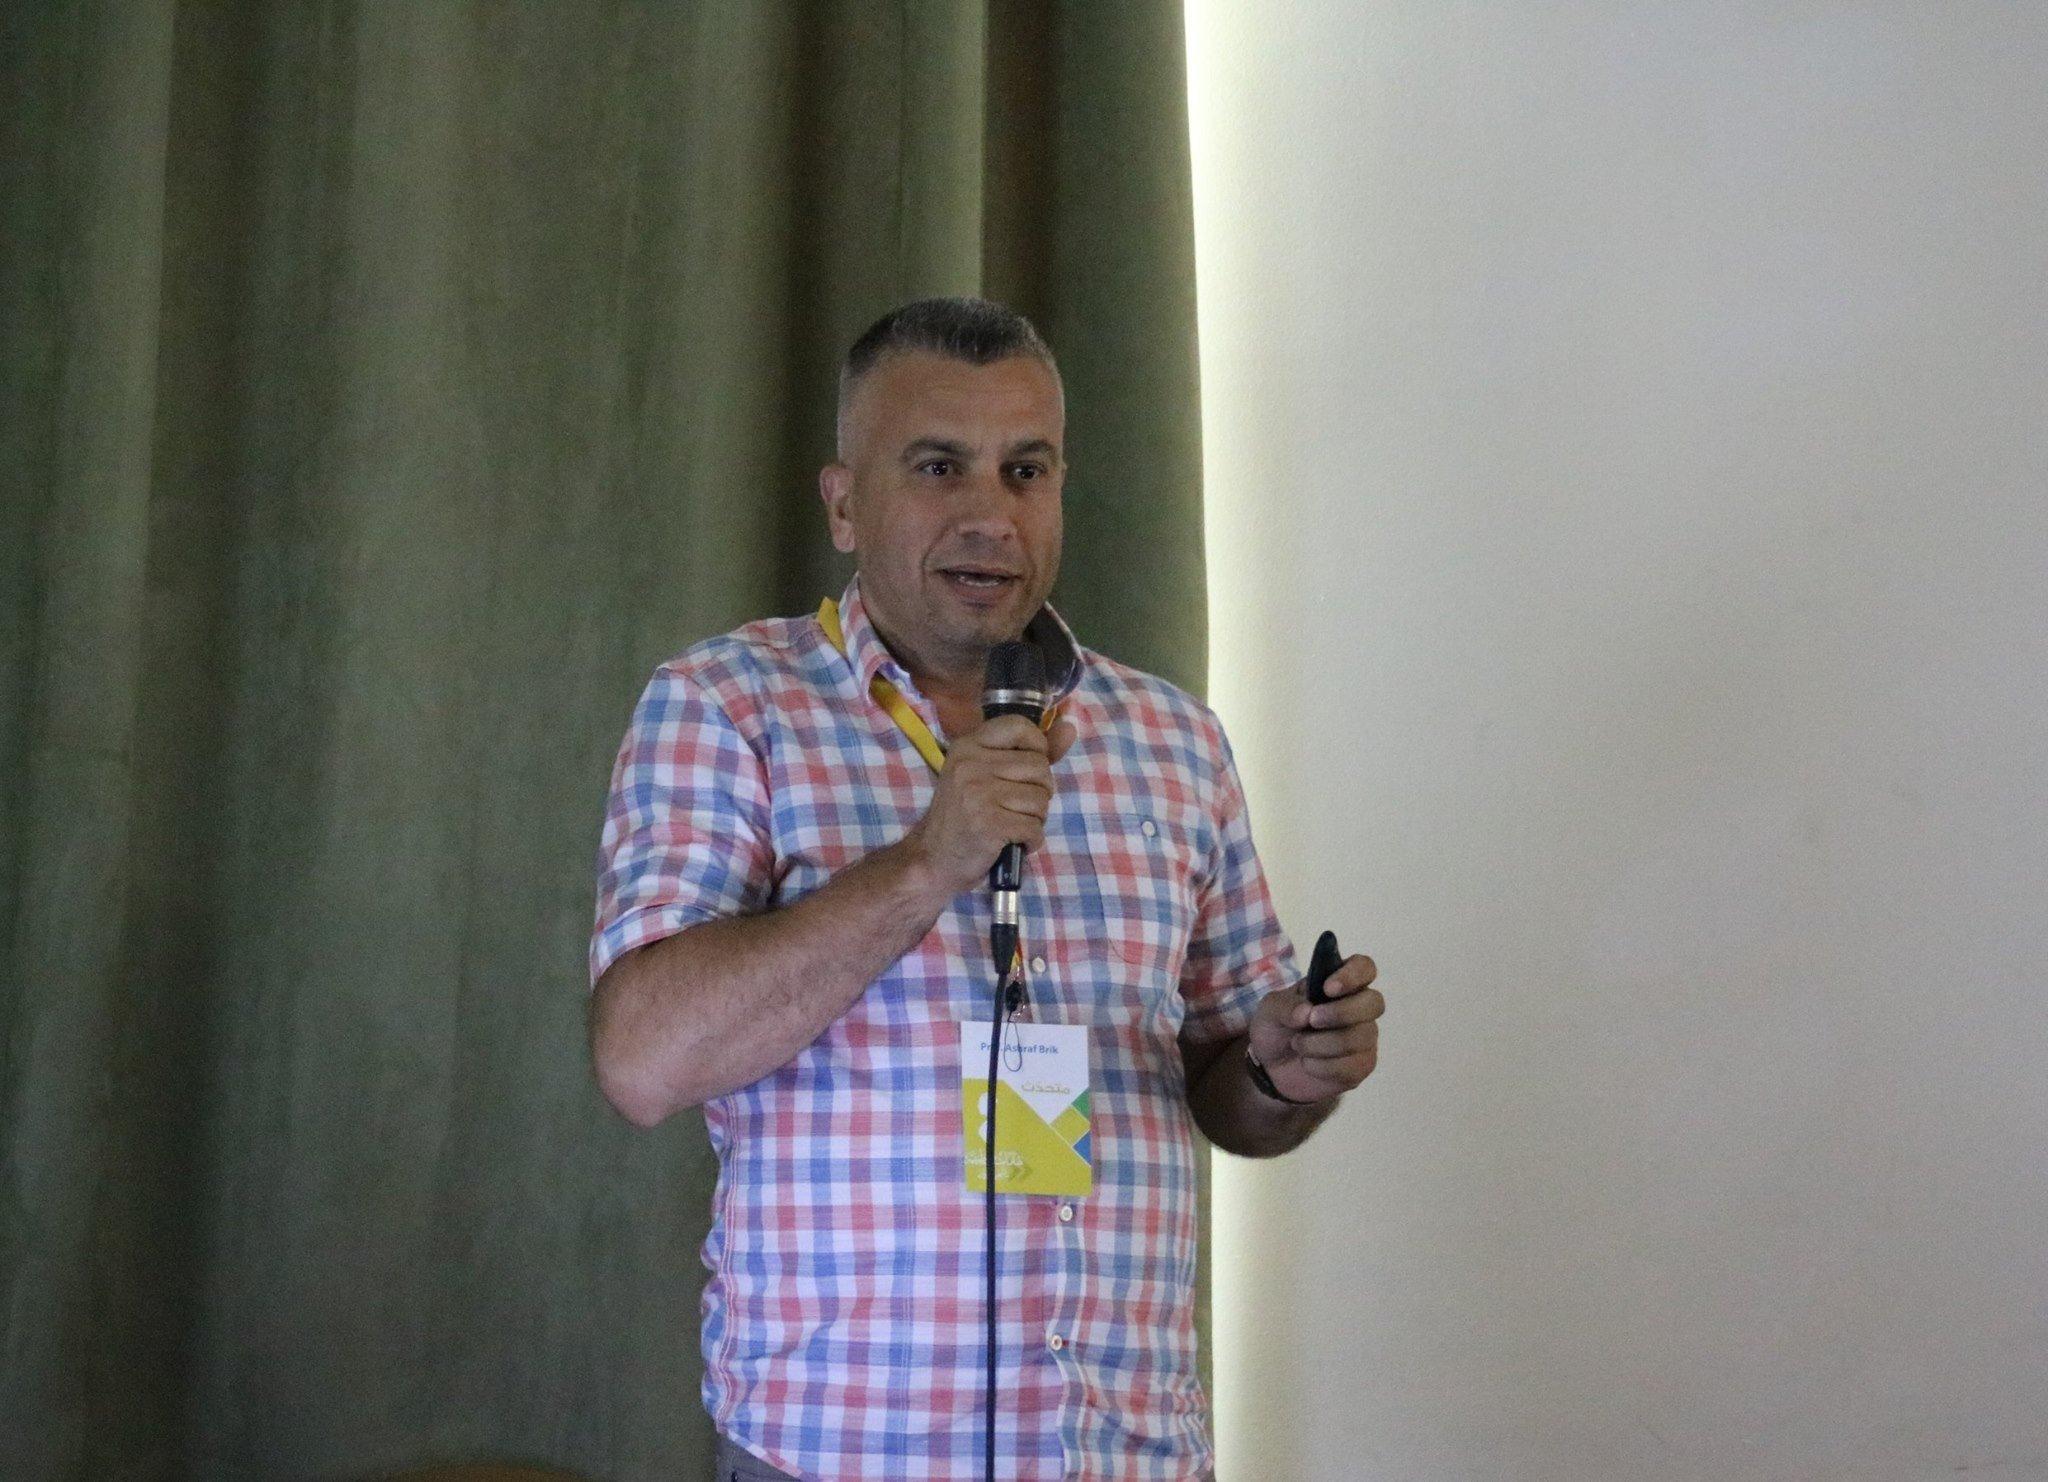 جمعية الجليل في المنتدى الفلسطيني للإبداع والتمييز